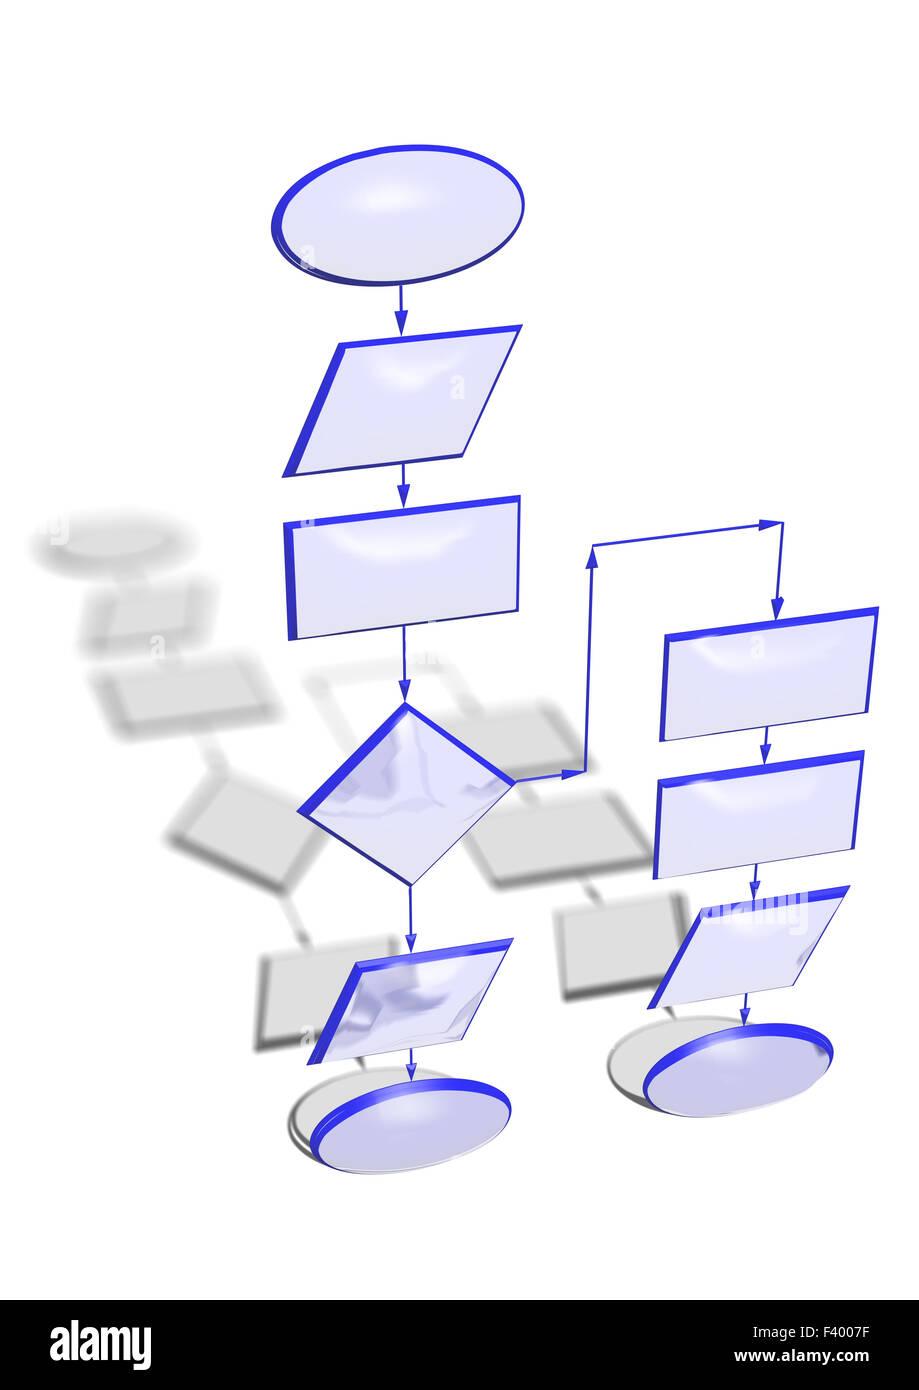 medium resolution of diagrama de flujo de vac o